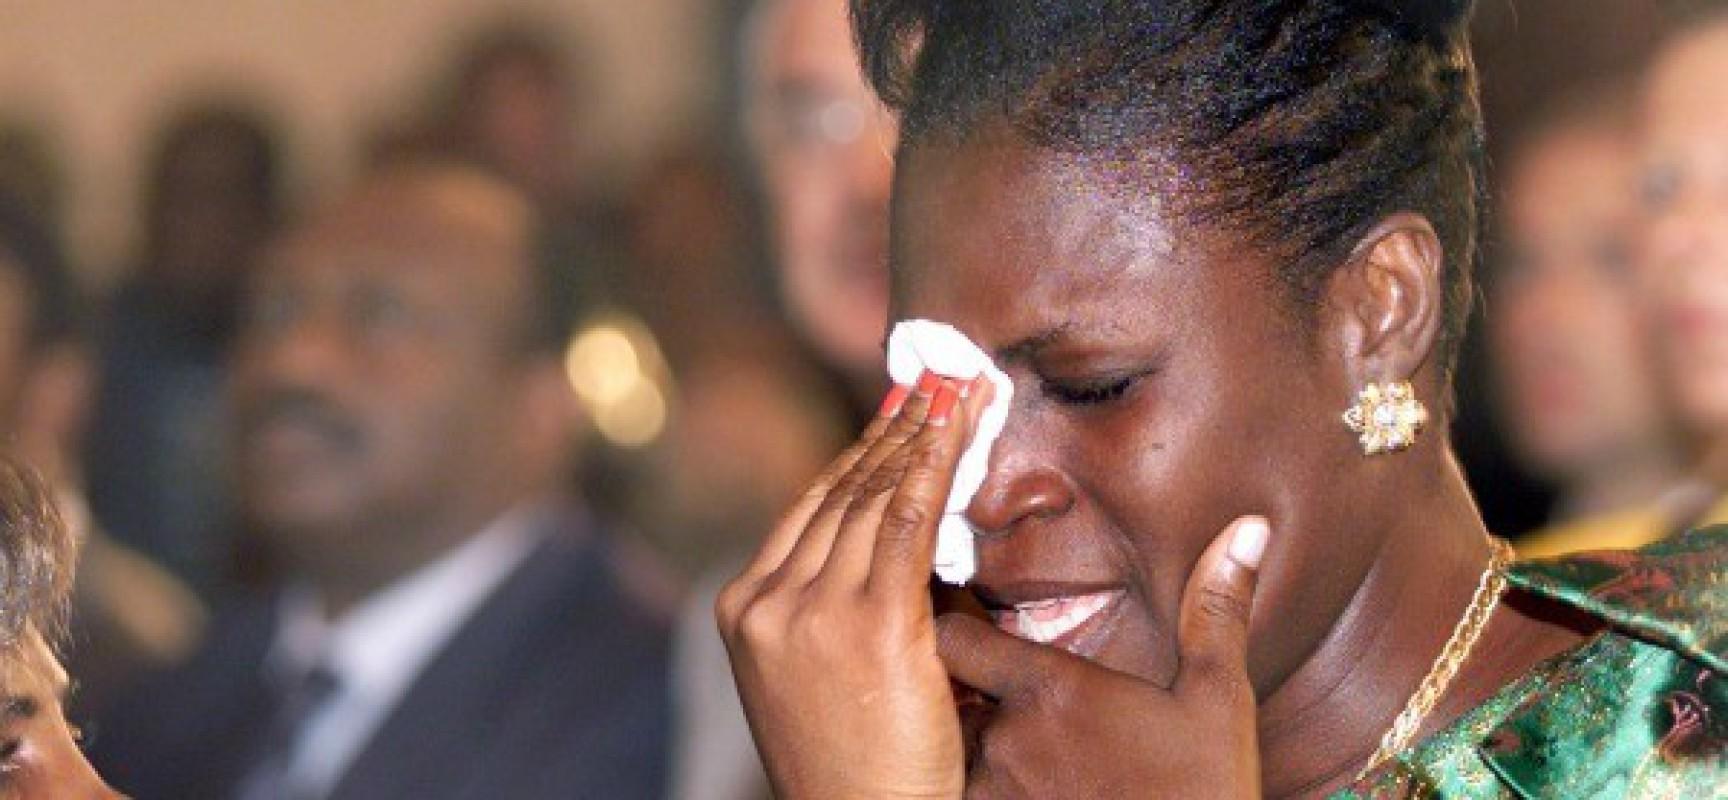 Quand on est condamné (à Abidjan), on a toujours vingt ans. L'inénarrable procès de Simone Gbagbo